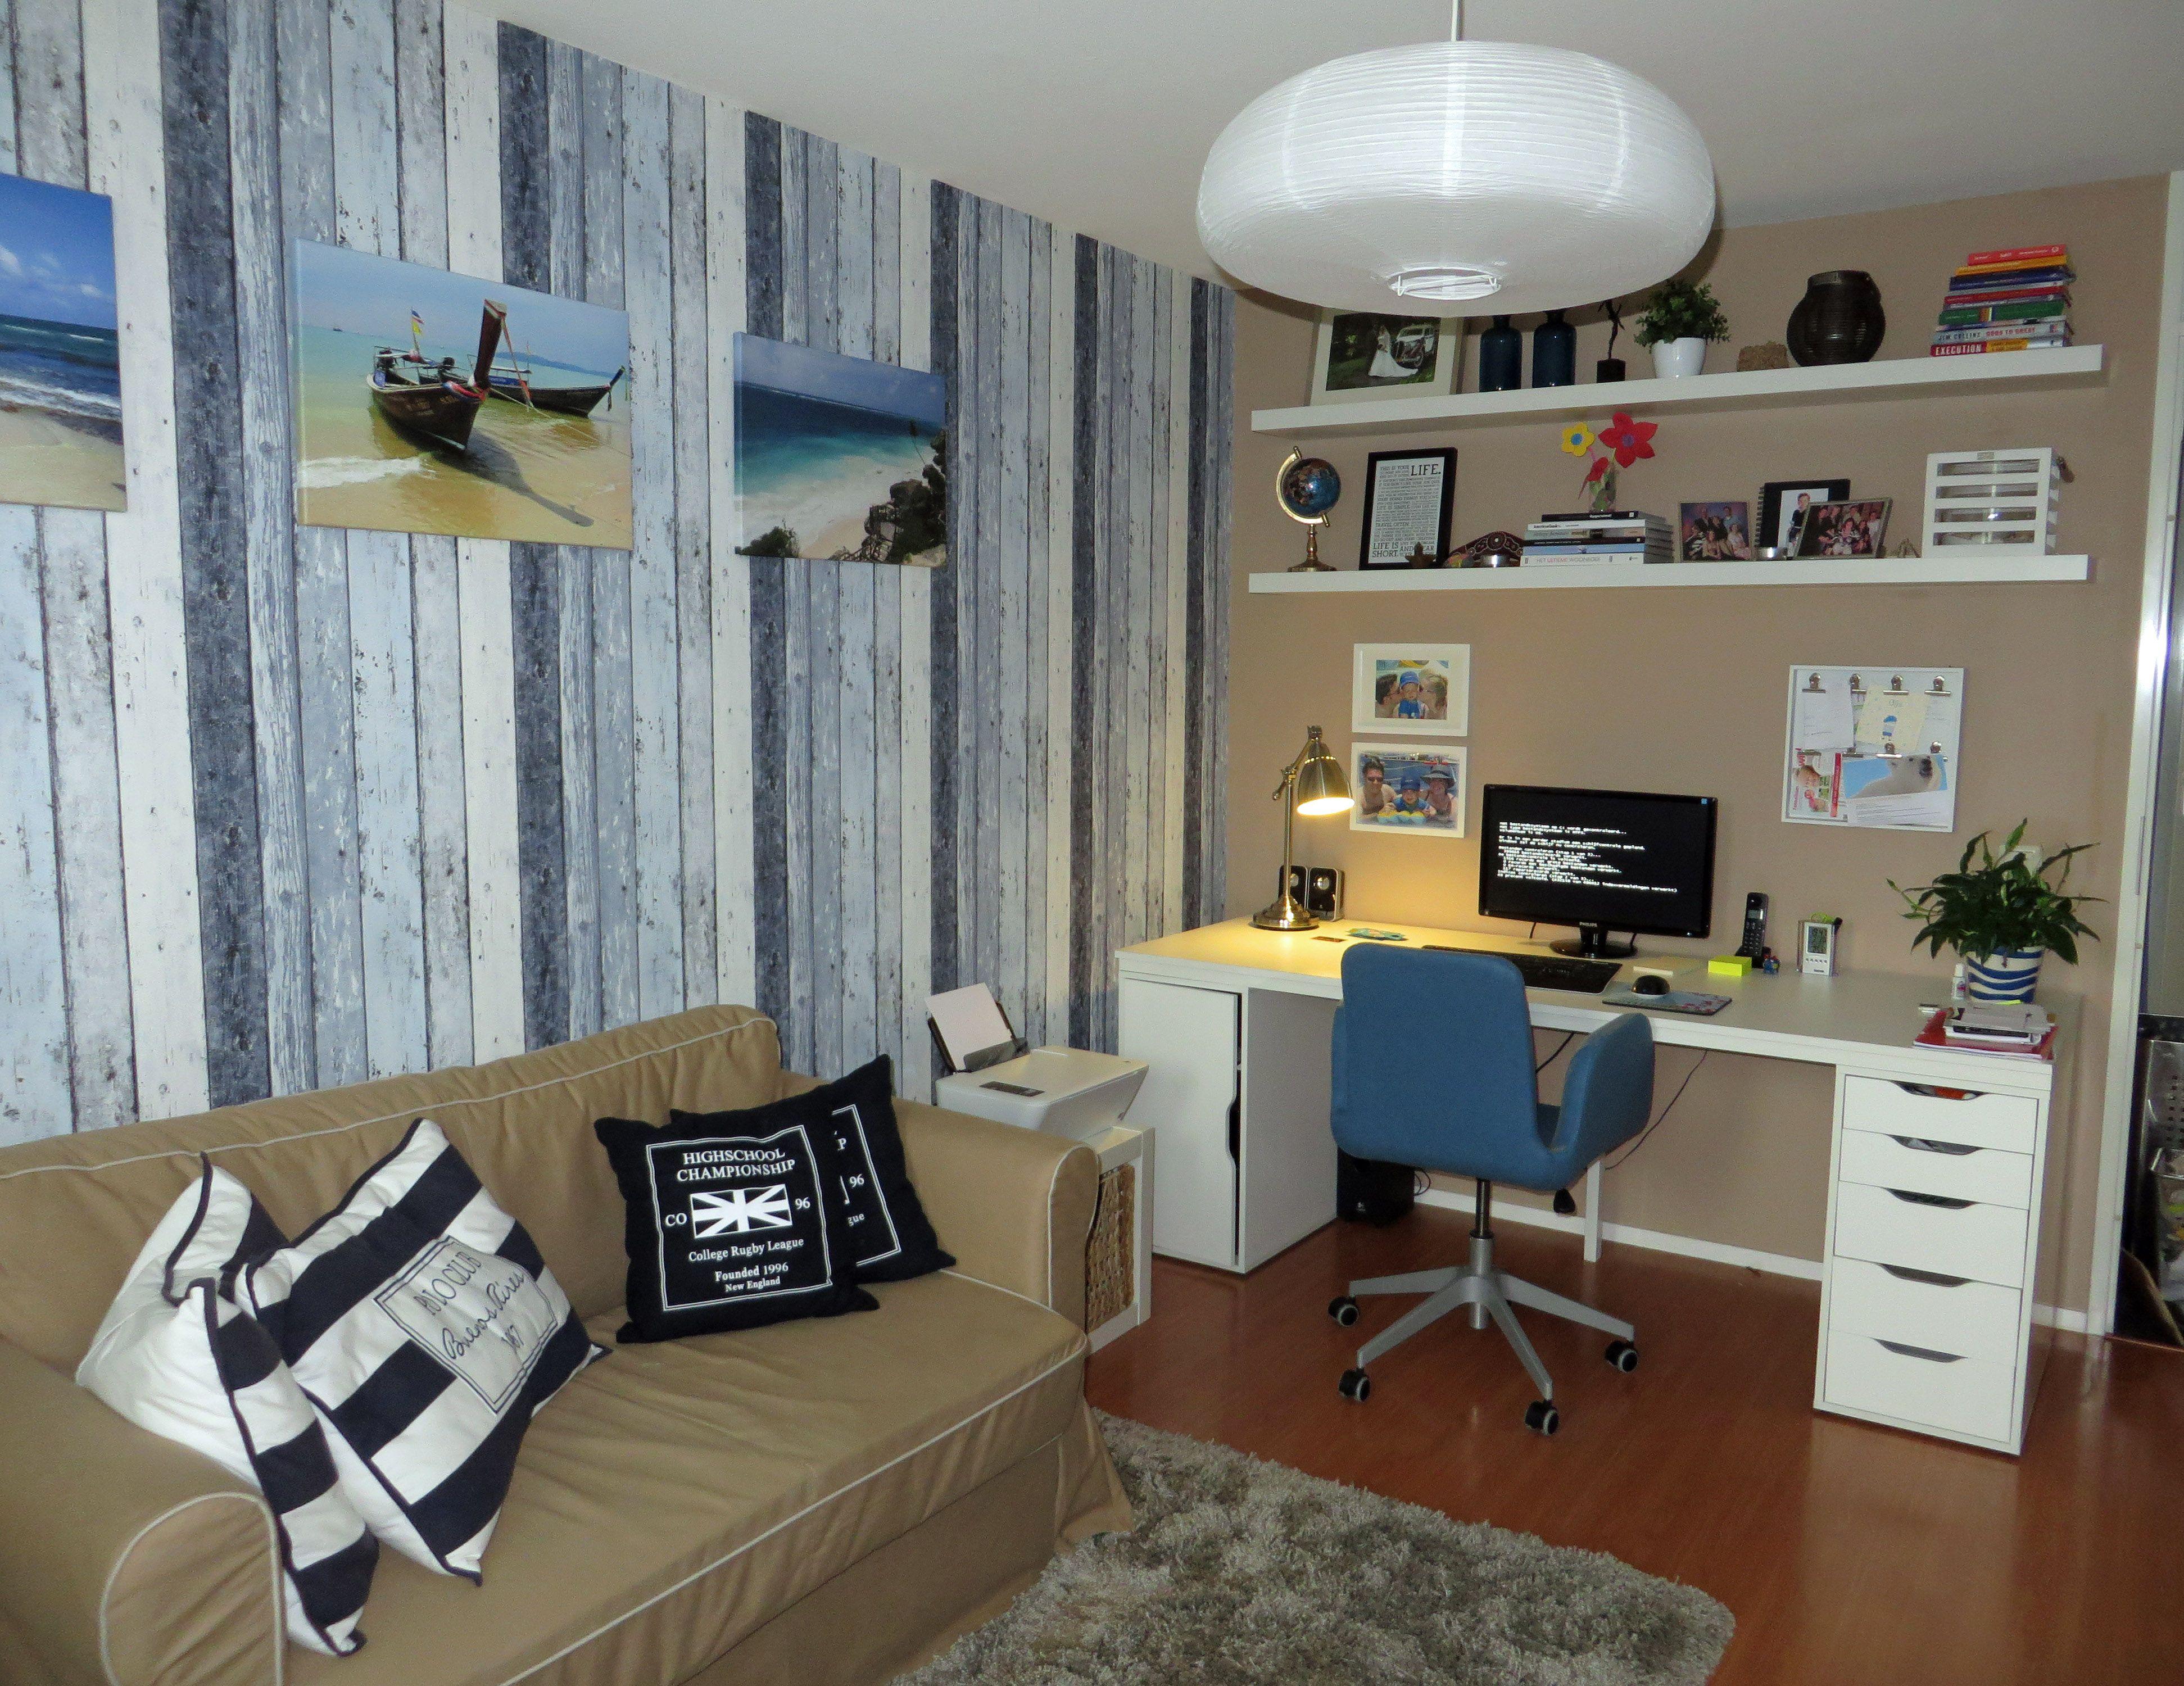 bureau ikea caisson de bureau ikea with contemporain cuisine computer desk for stationary. Black Bedroom Furniture Sets. Home Design Ideas